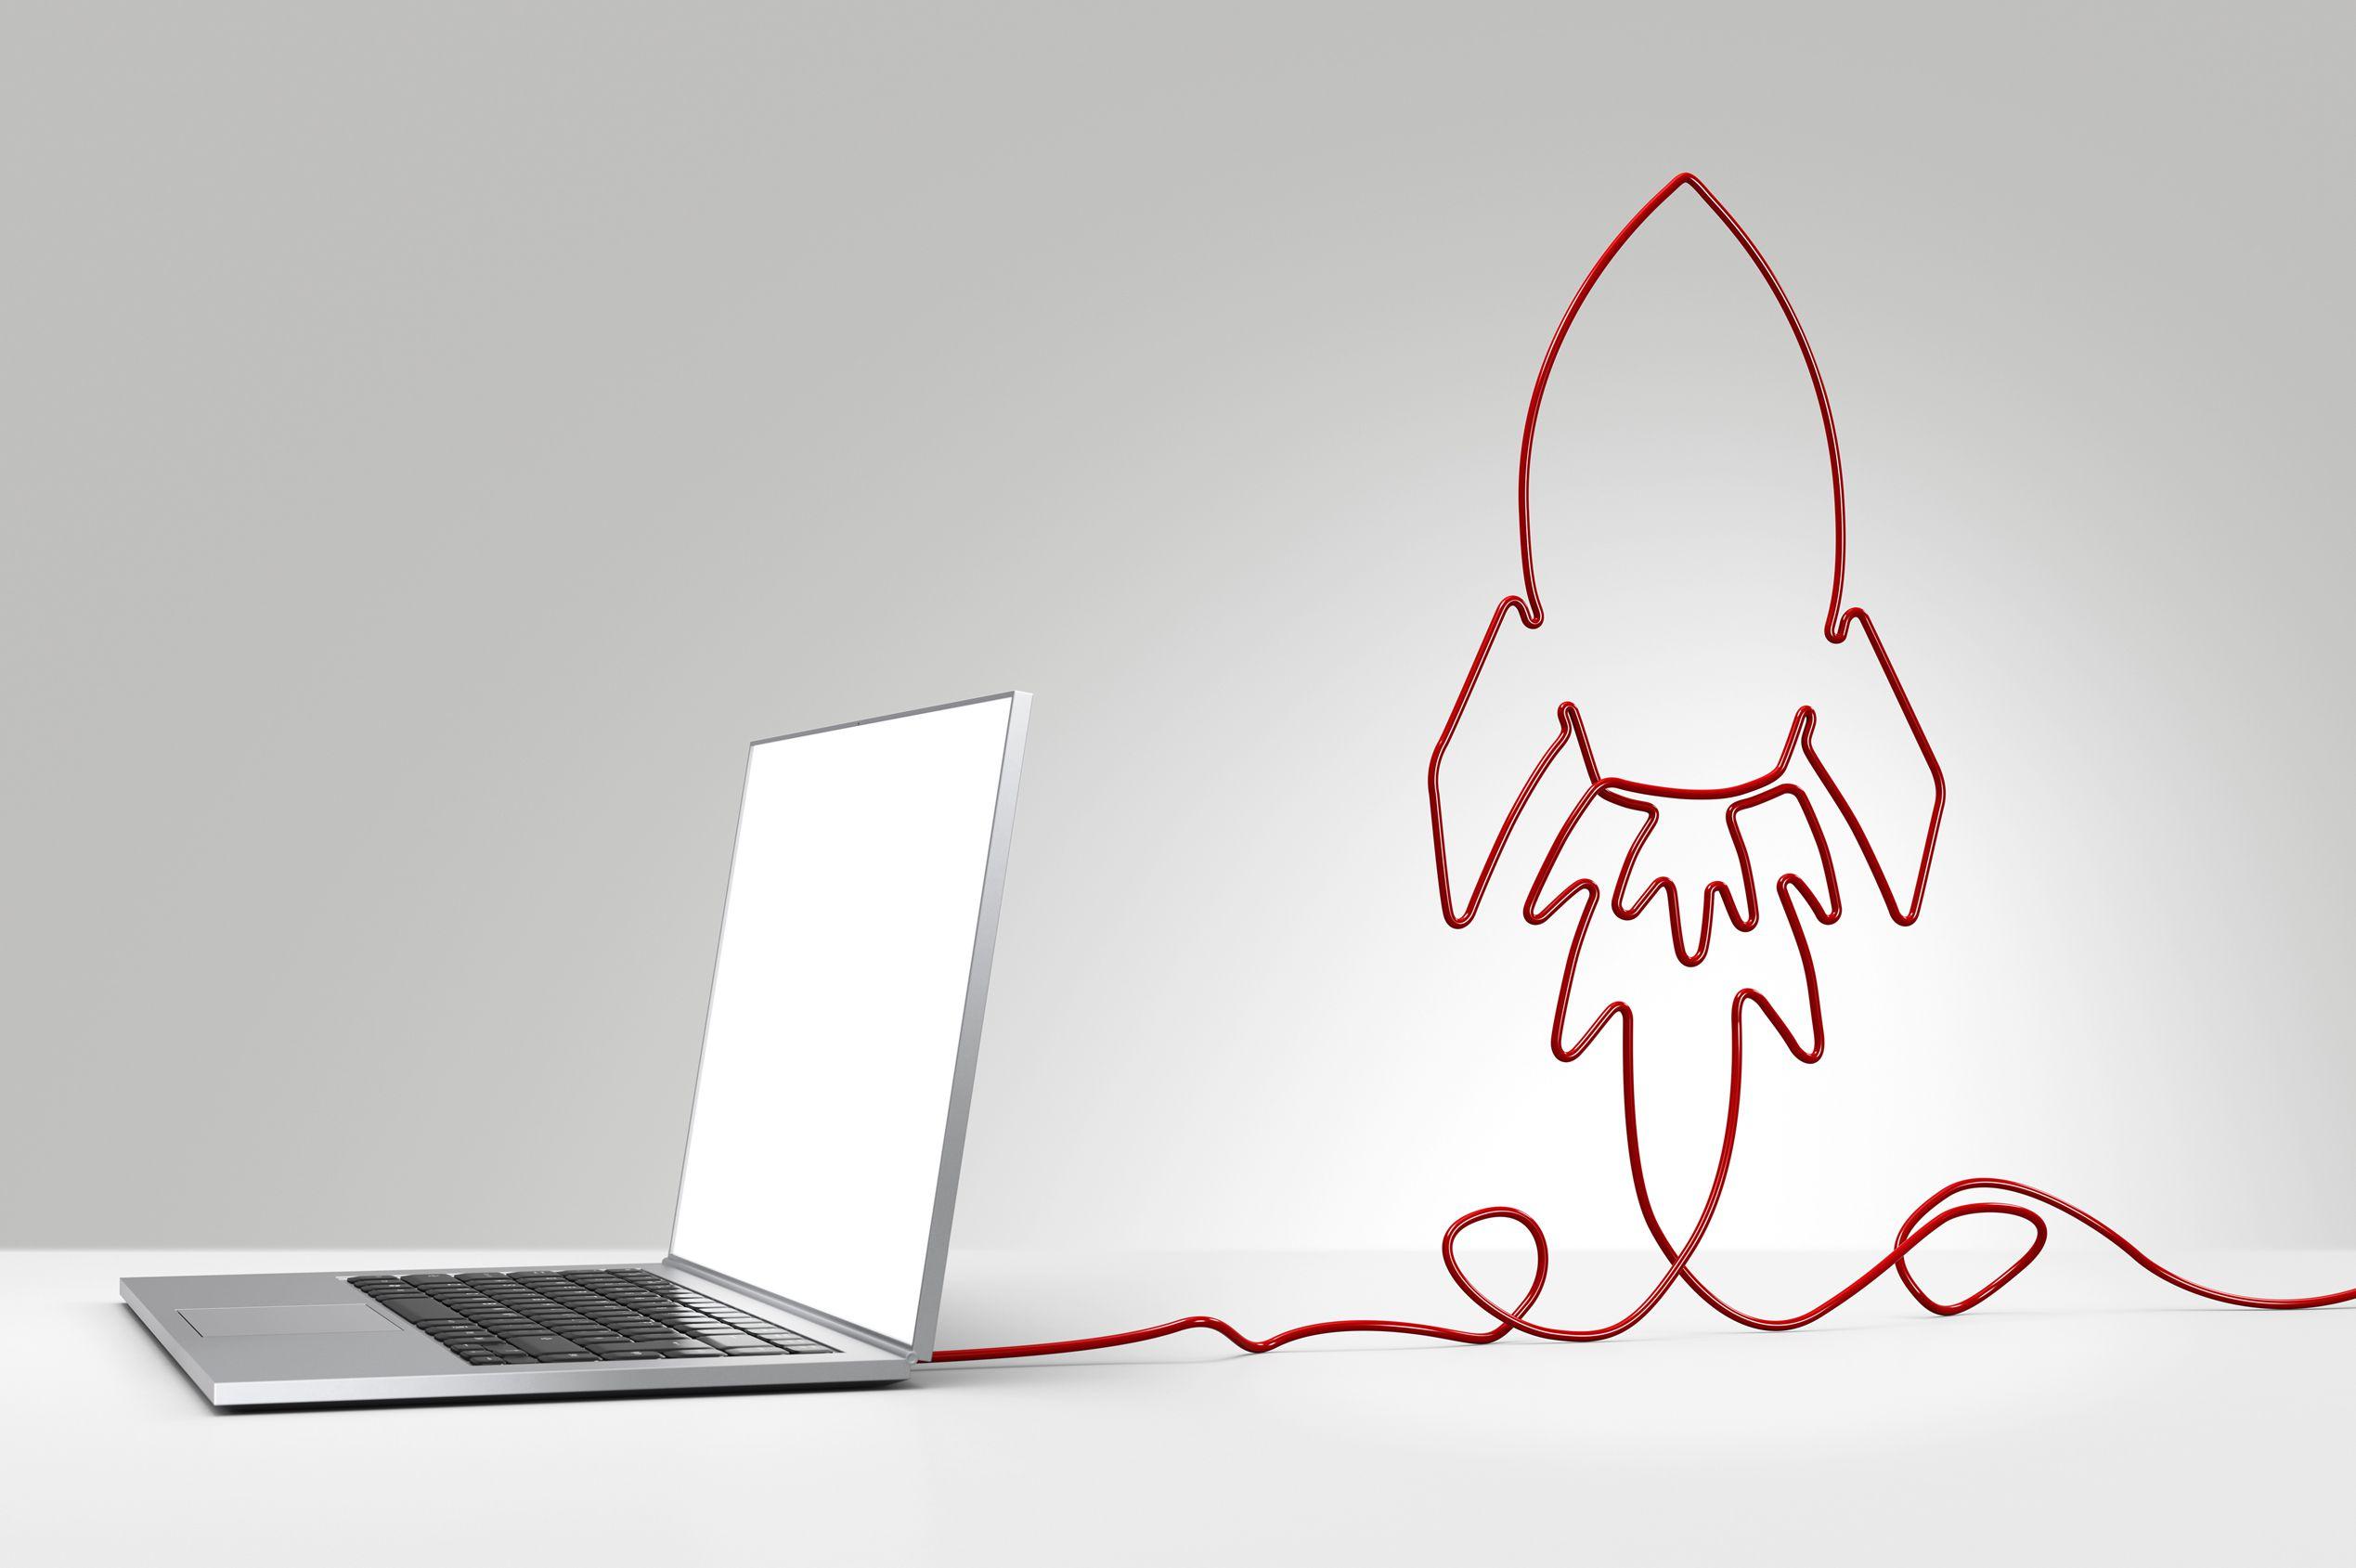 Laptop + Rocket, speed up Safari by testing DNS